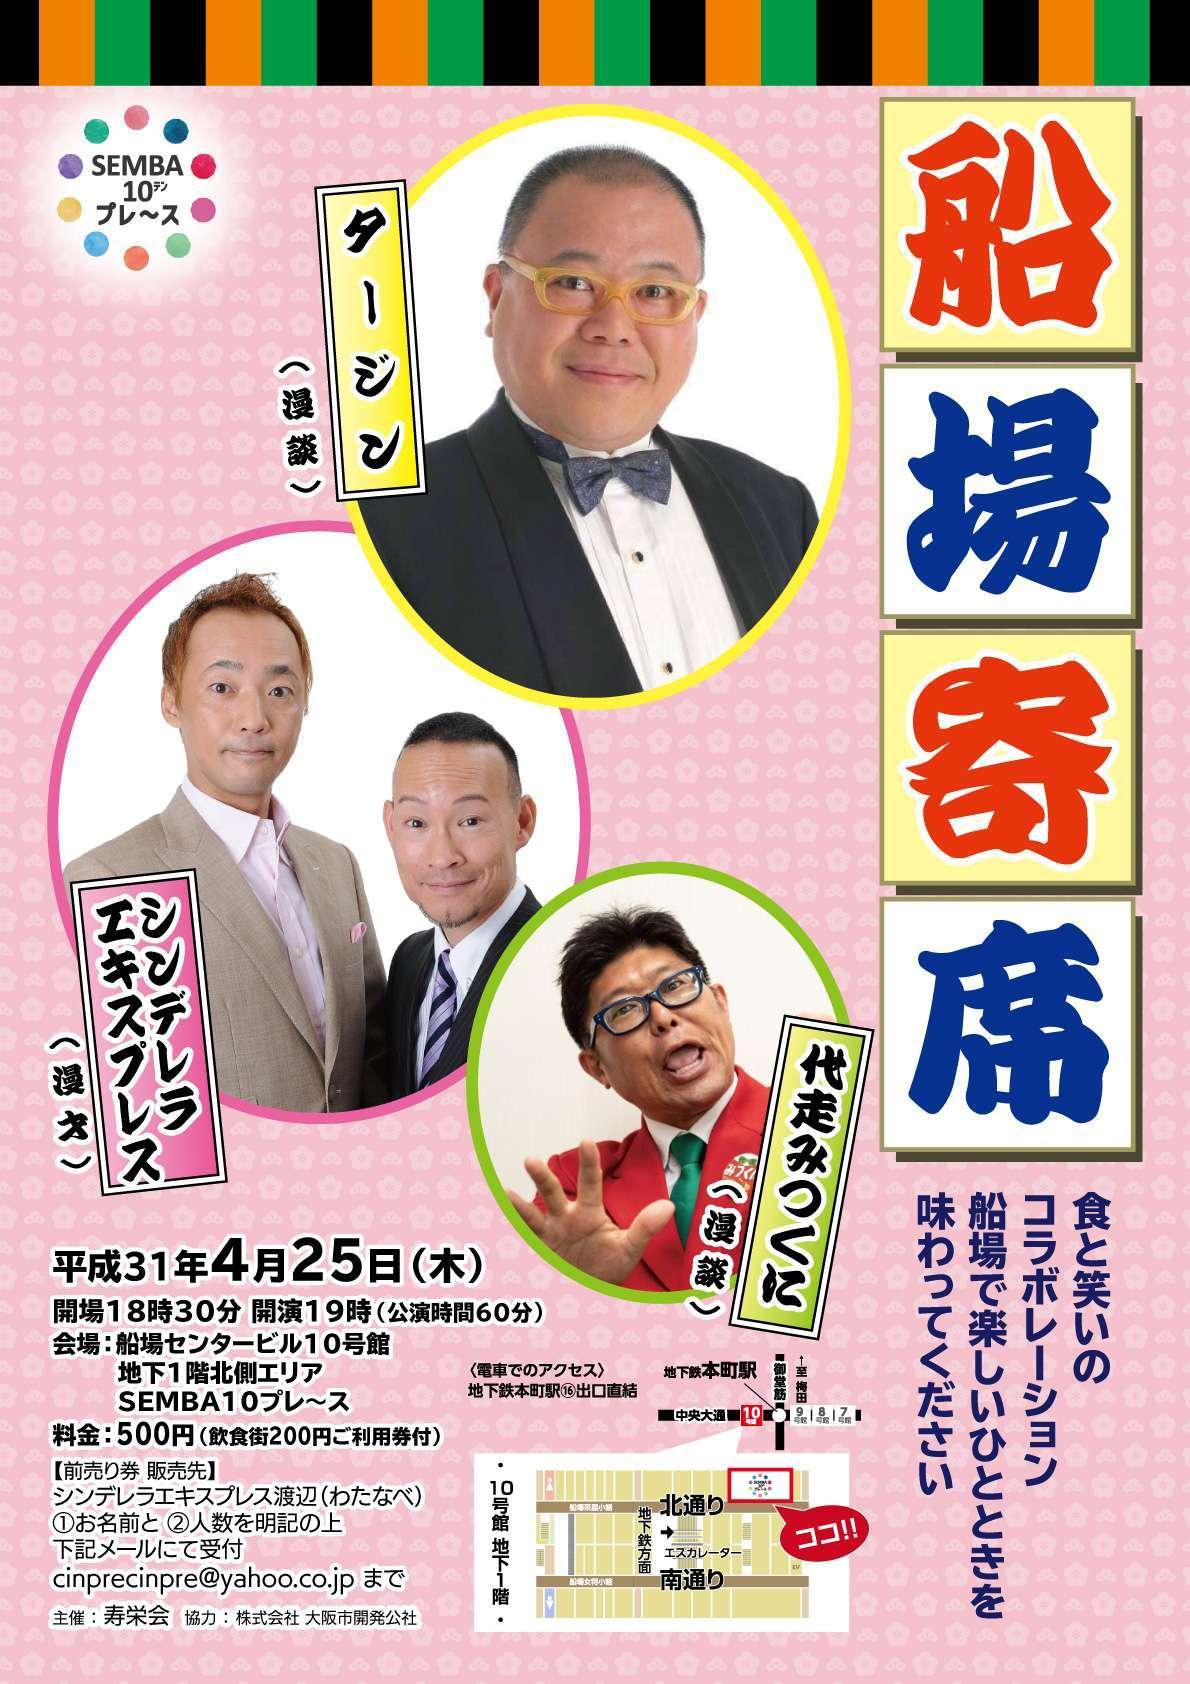 【イベント】平成最後の船場寄席 ゲスト:タージンさん!他